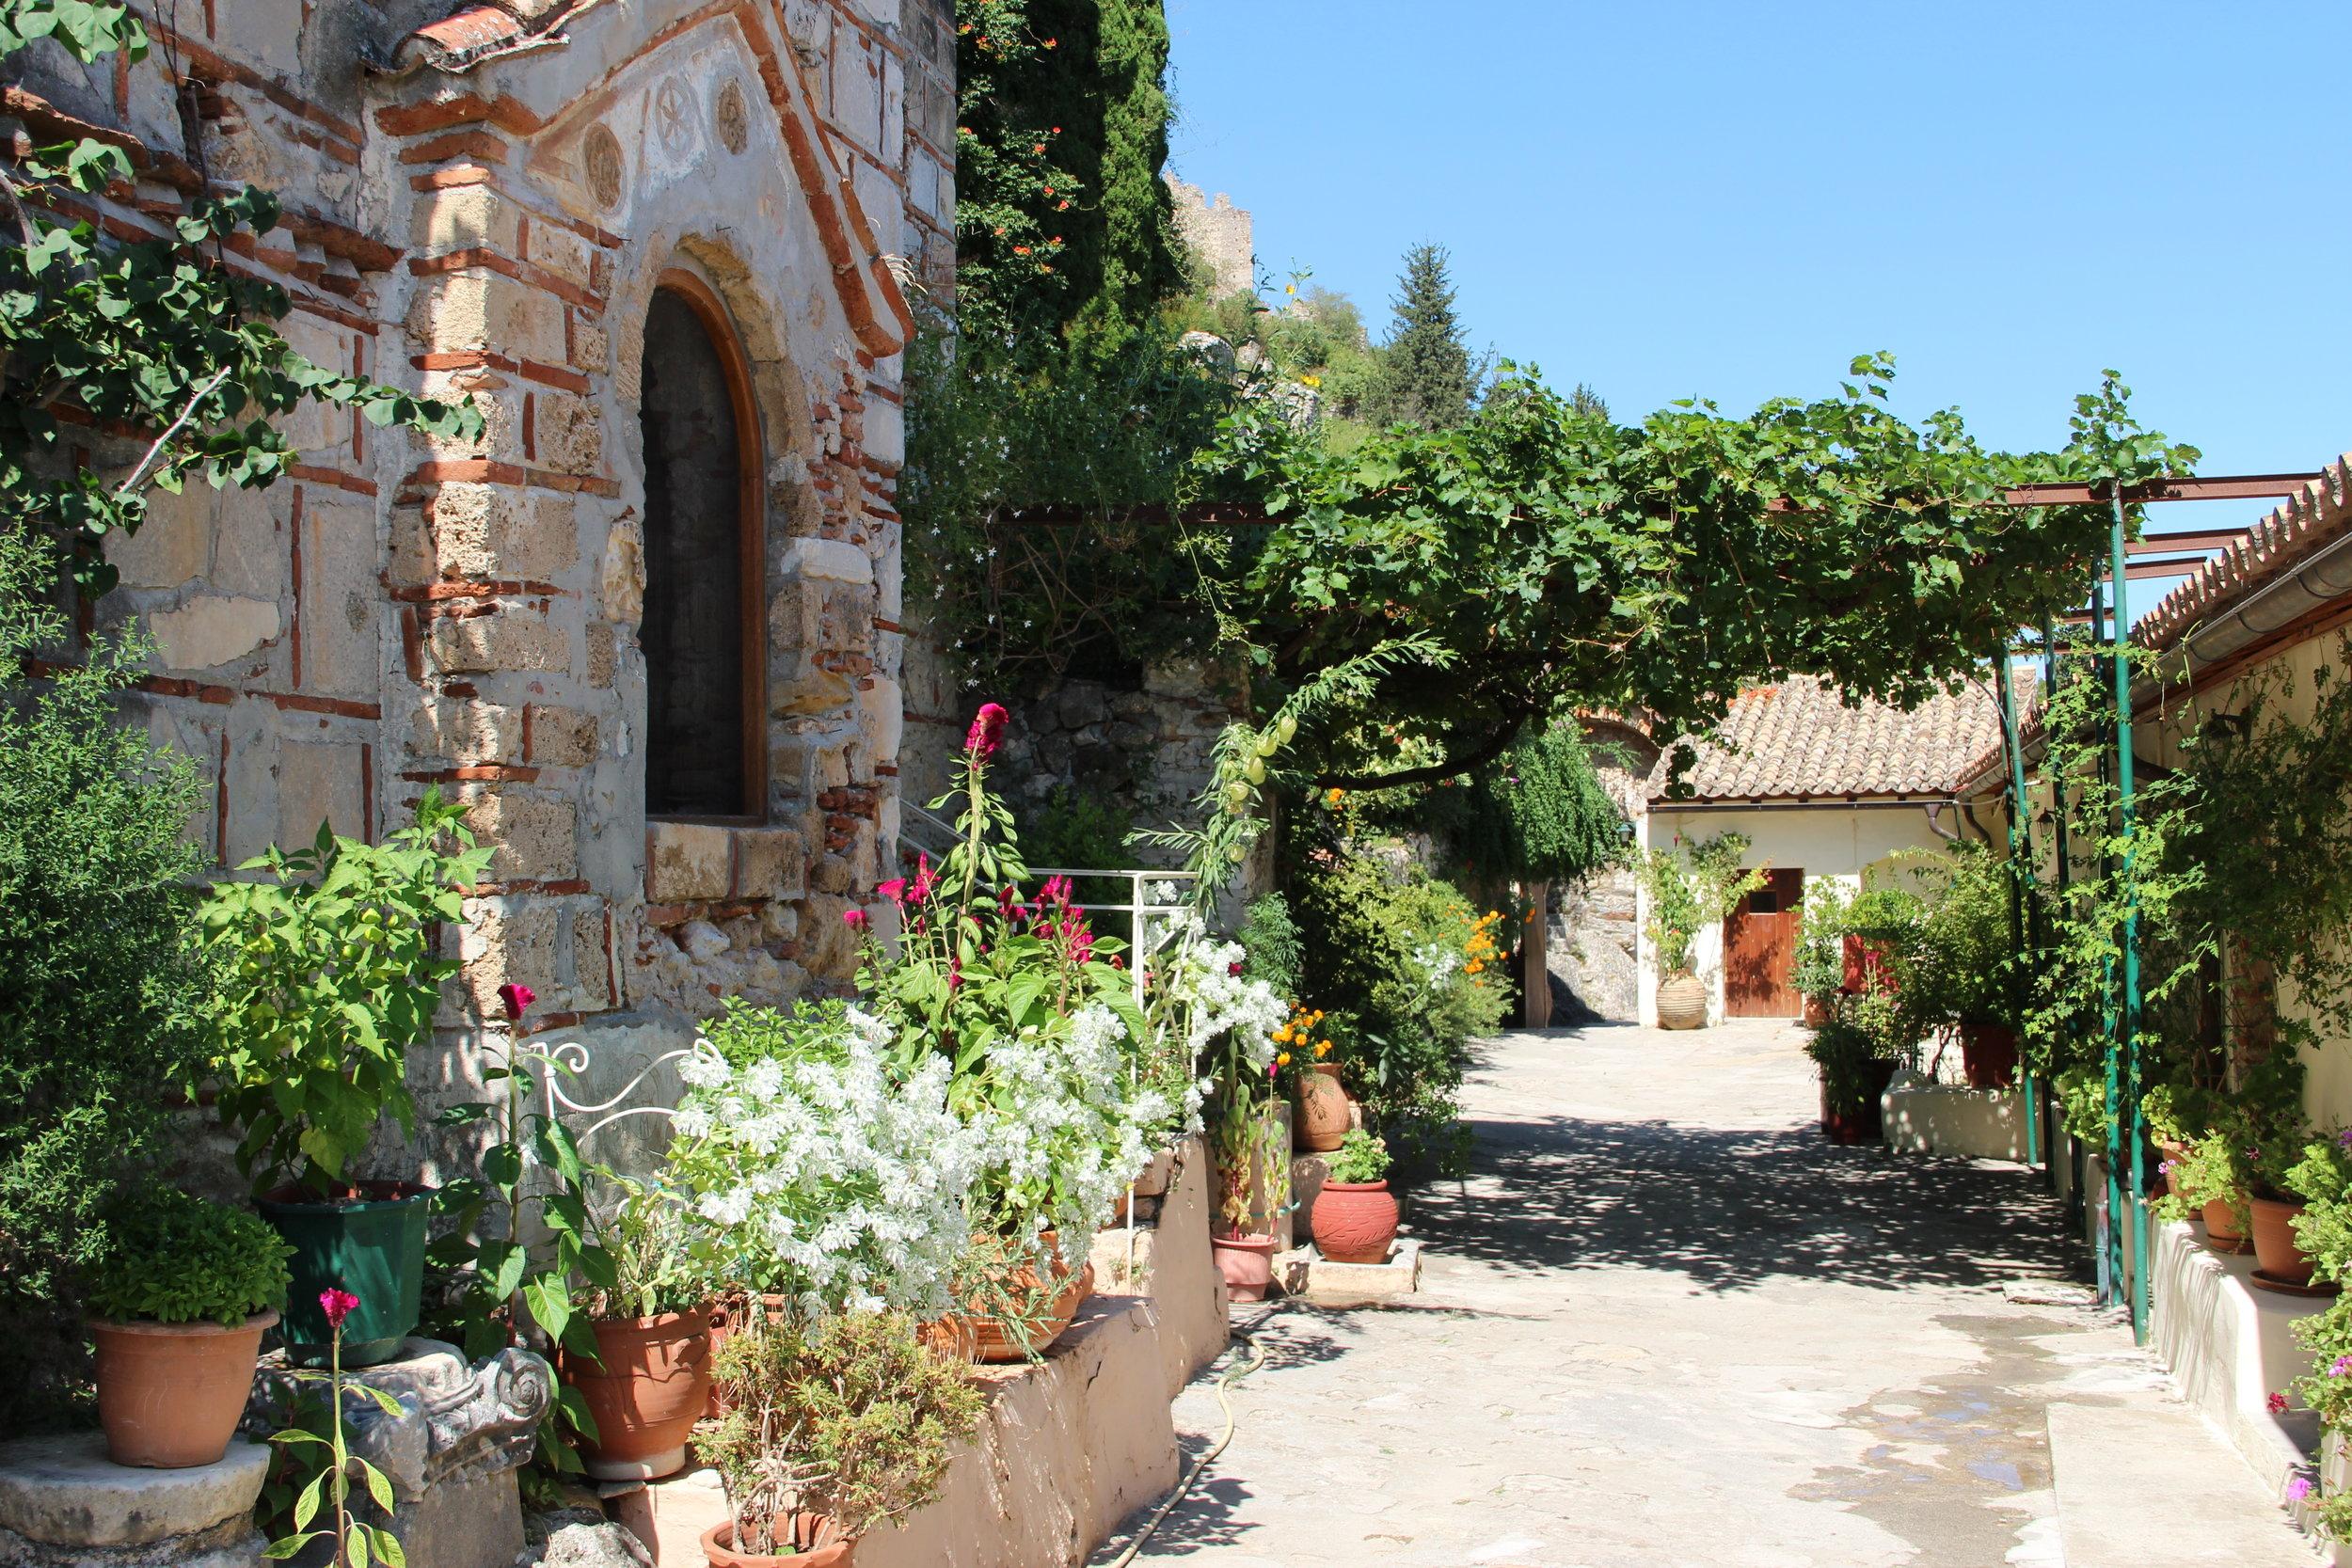 Within the Peribletos monastery